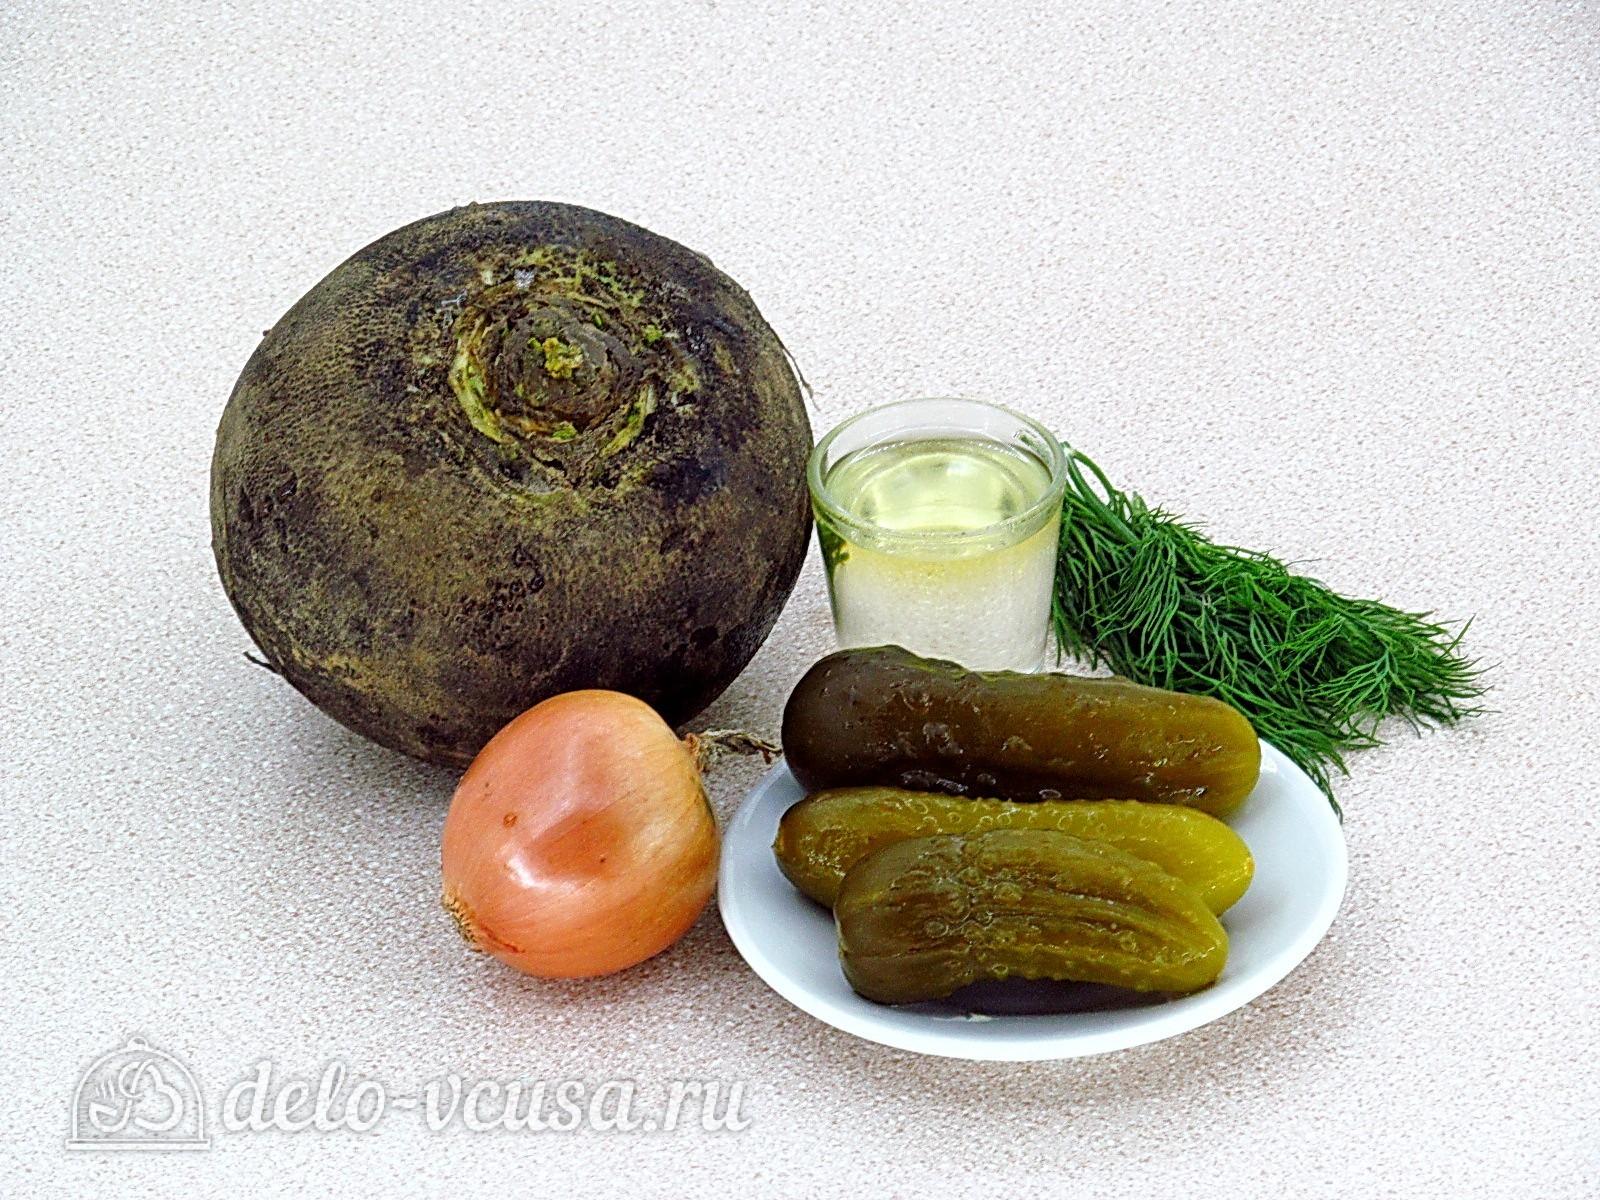 Салат из редьки с солеными огурцами: Ингредиенты